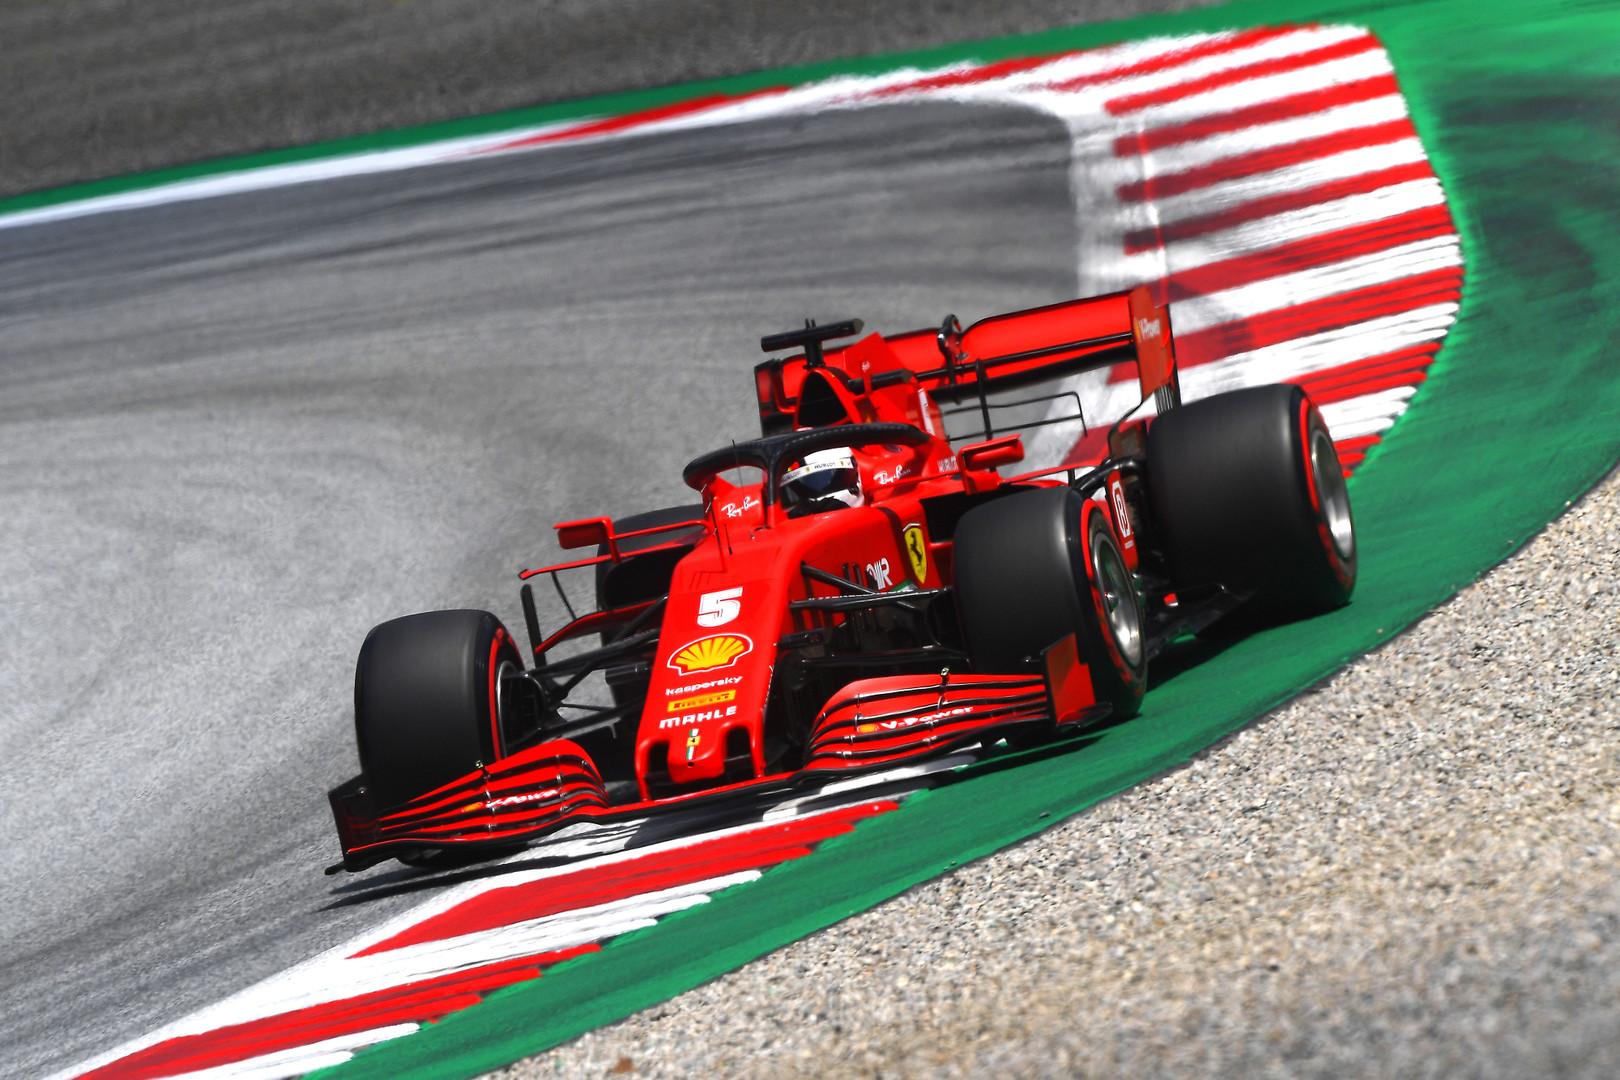 S. Vettelis džiaugiasi trasoje apsisukęs tik kartą